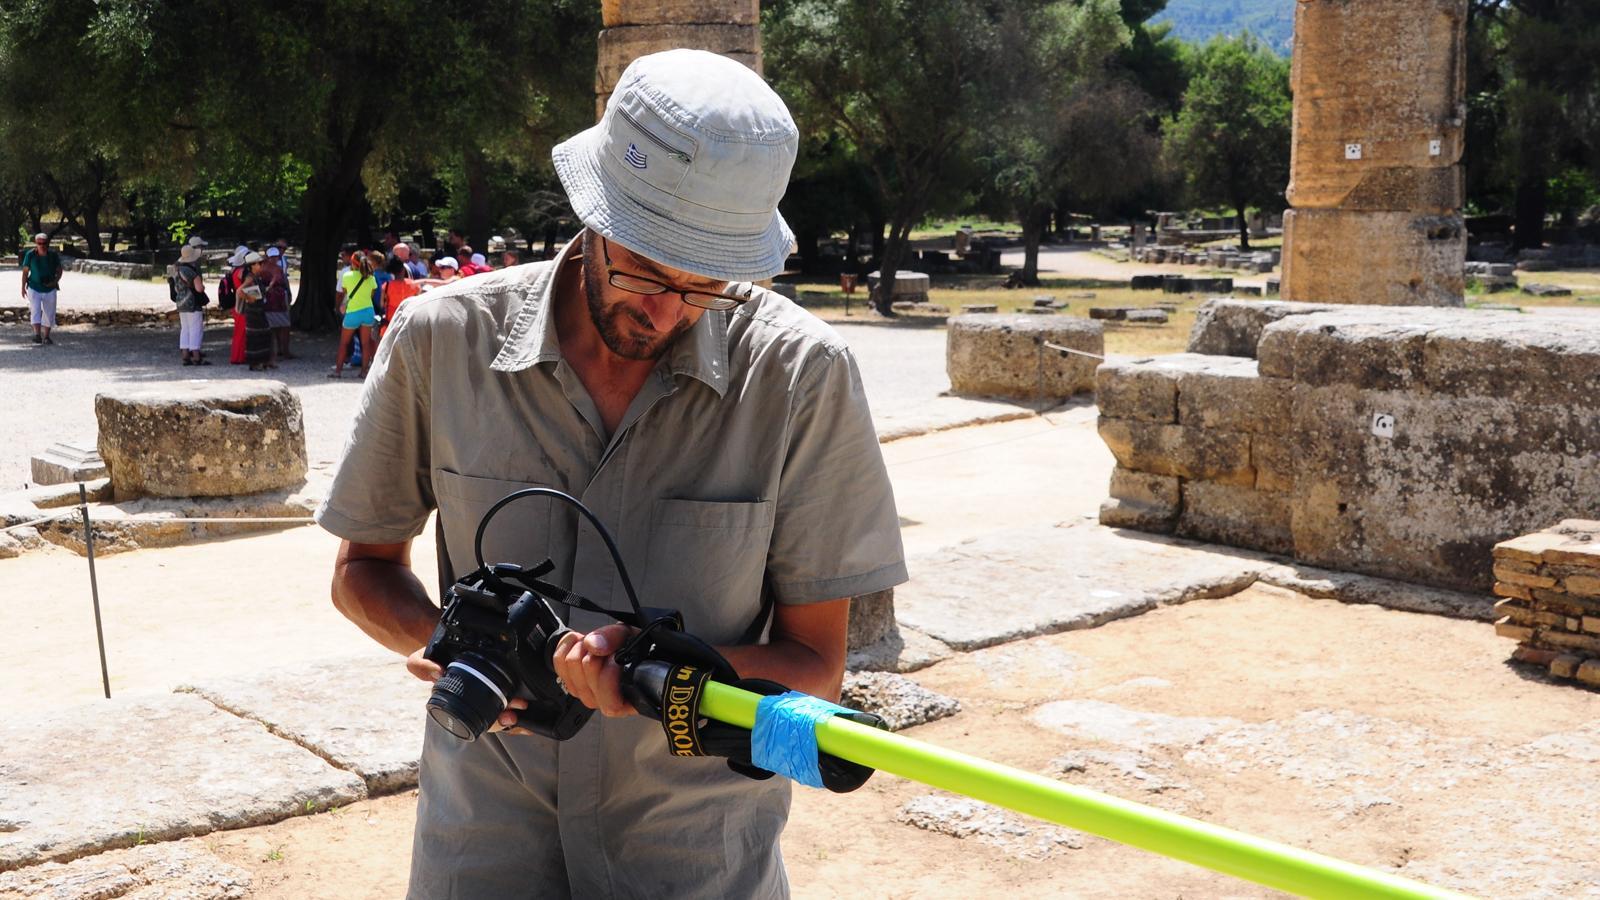 Philip Sapirstein holding a camera